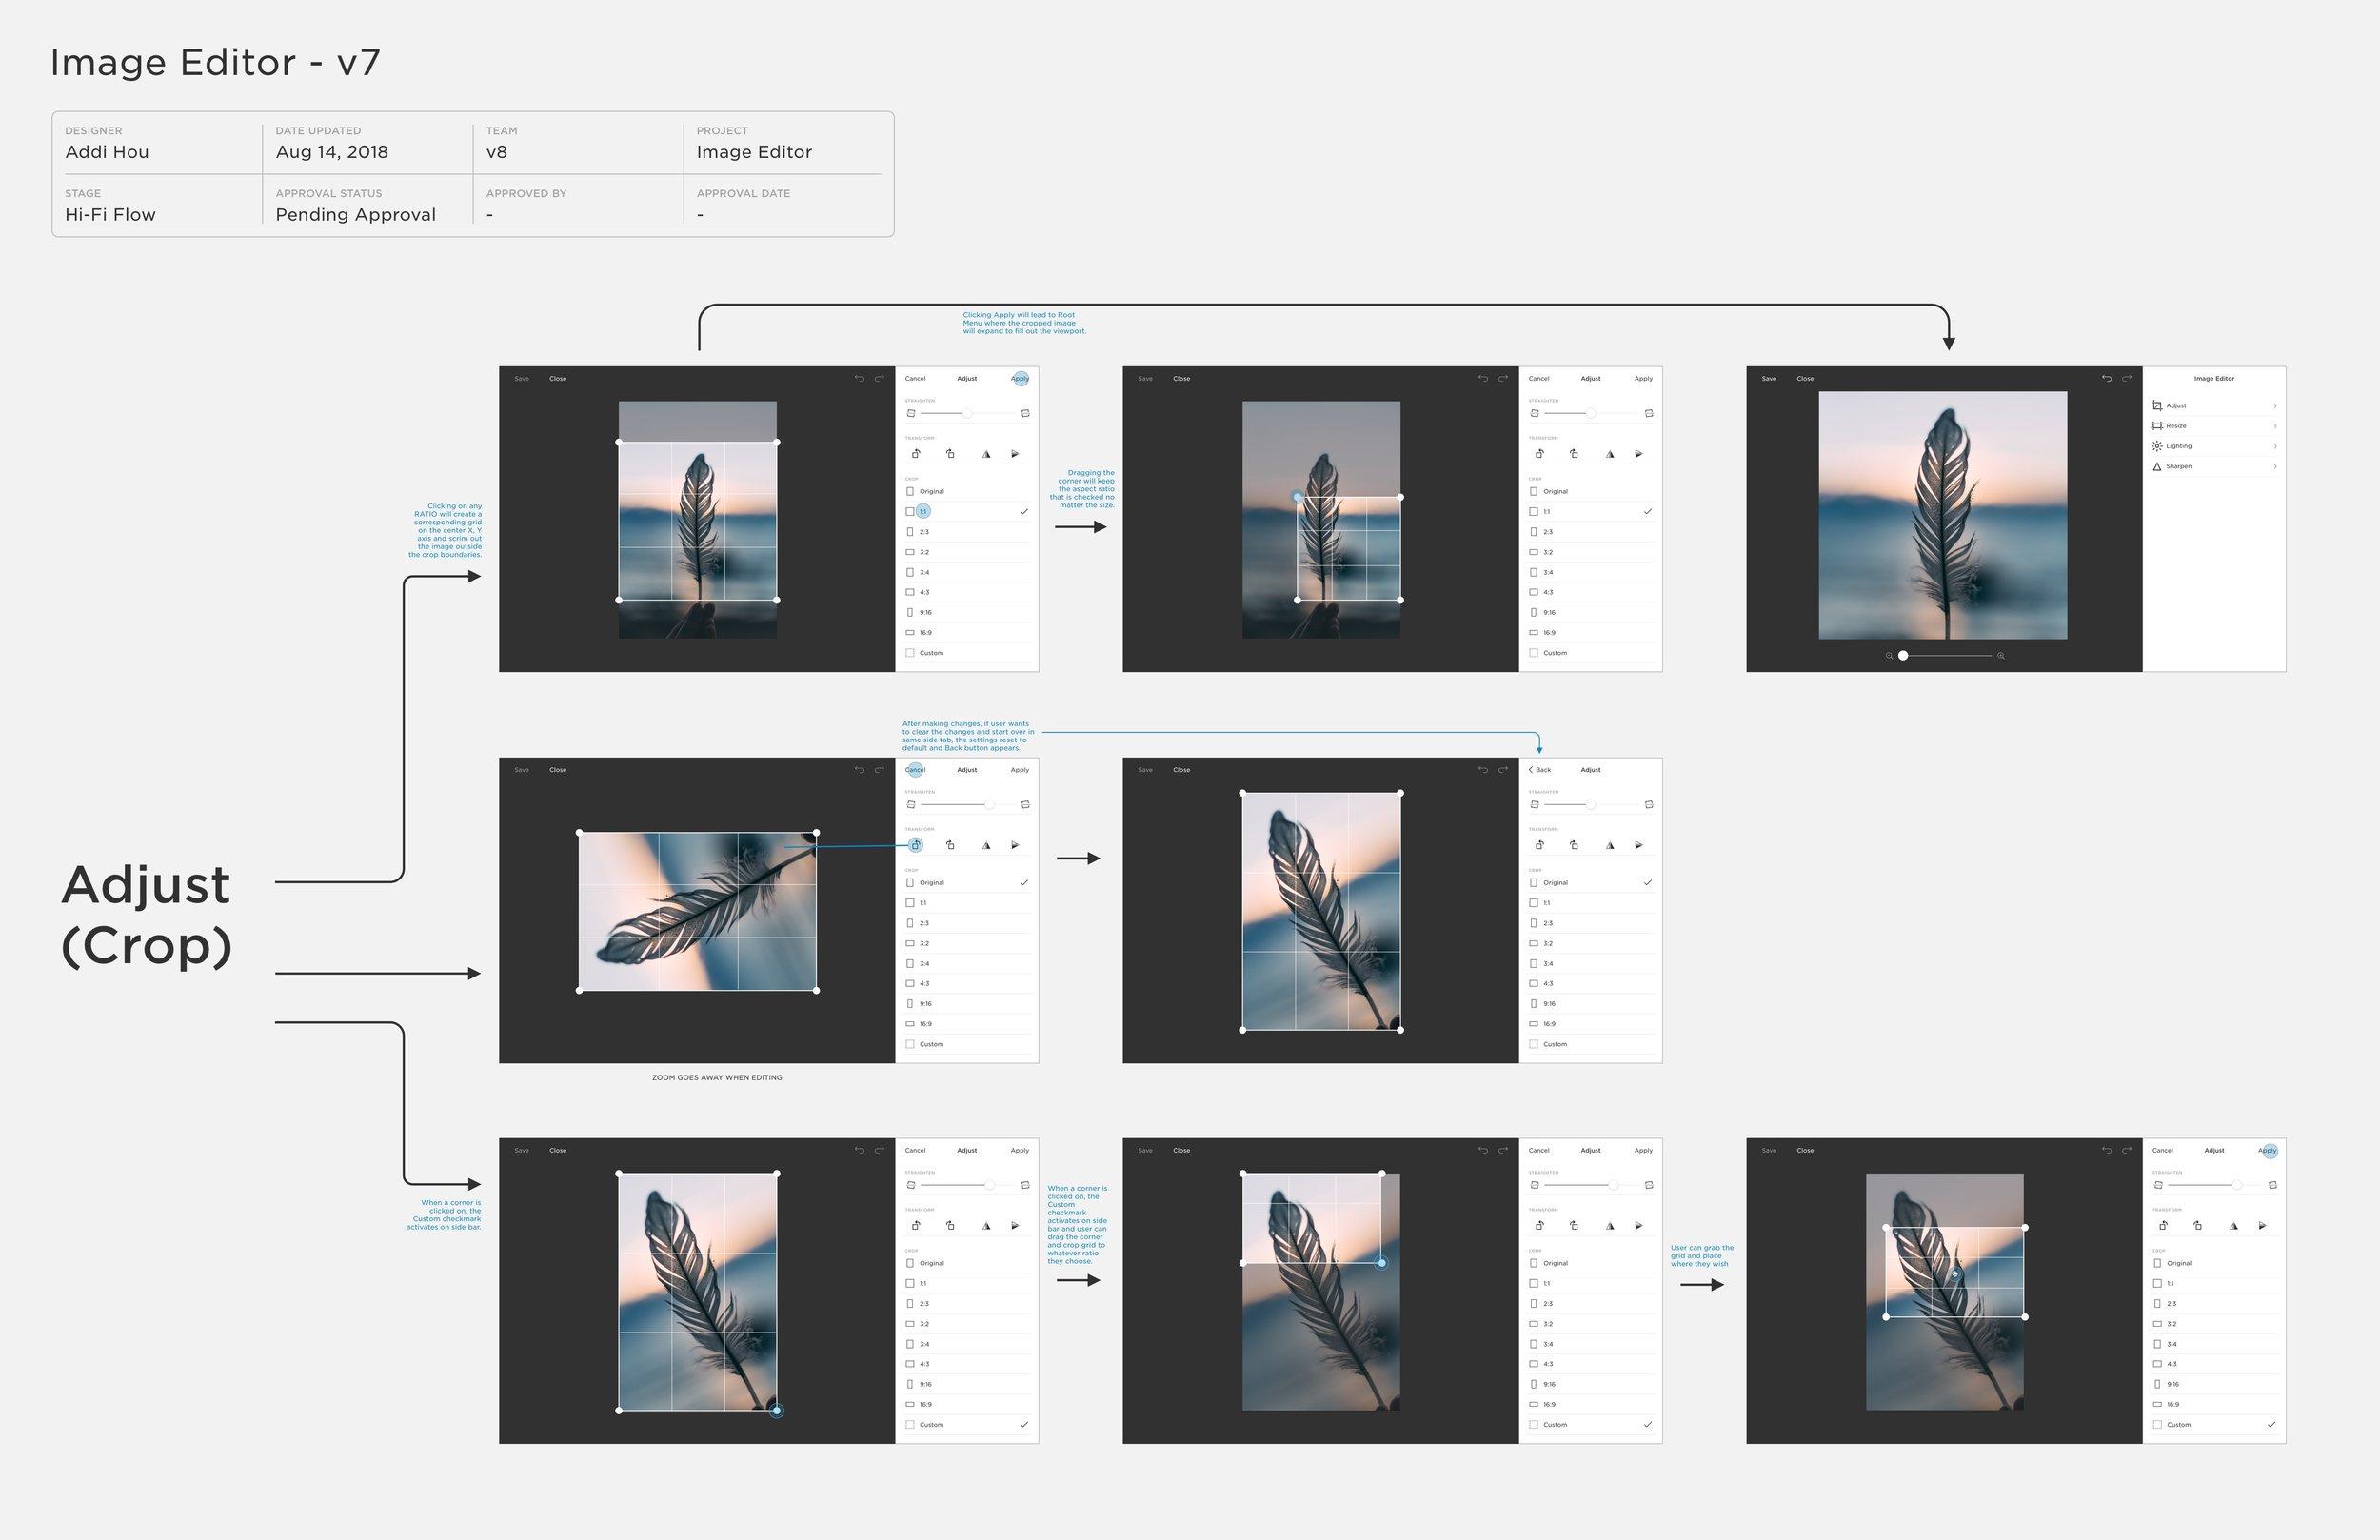 Image Editor_F_ADJUST.jpg